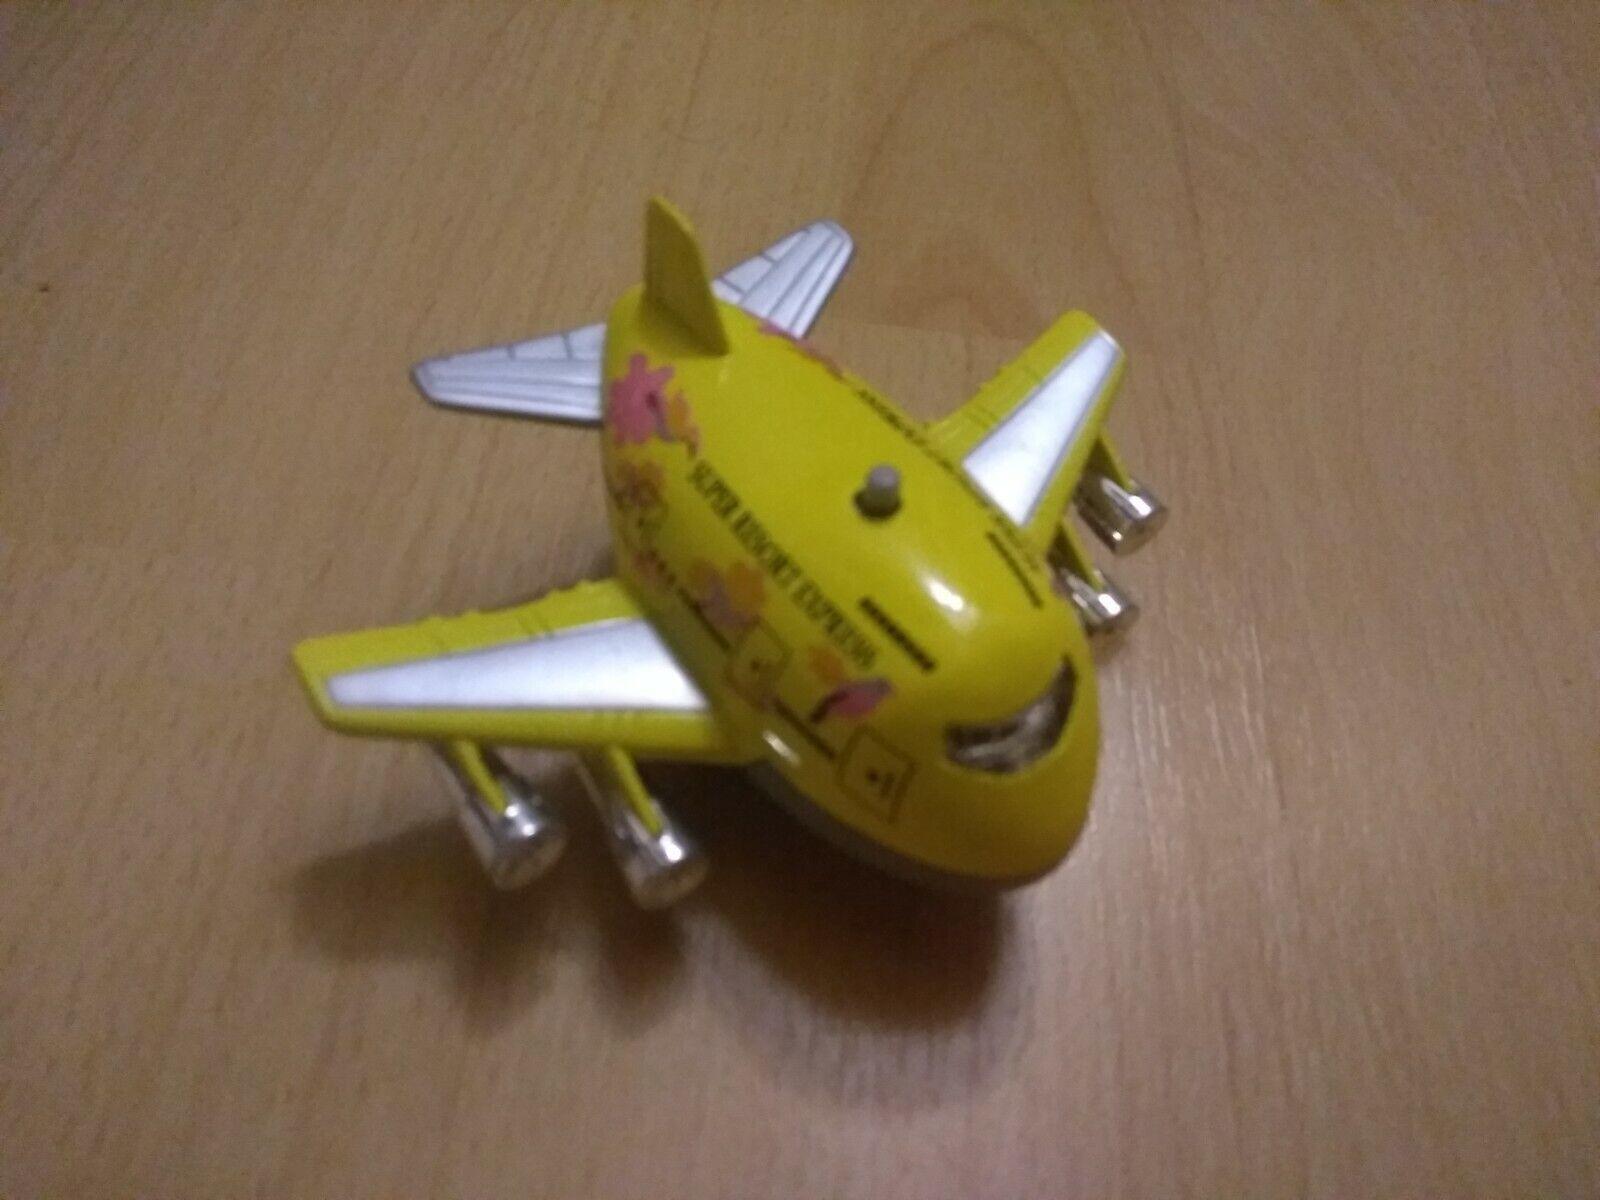 Flugzeug Metall mit Sound und Rückzugsmotor gelb